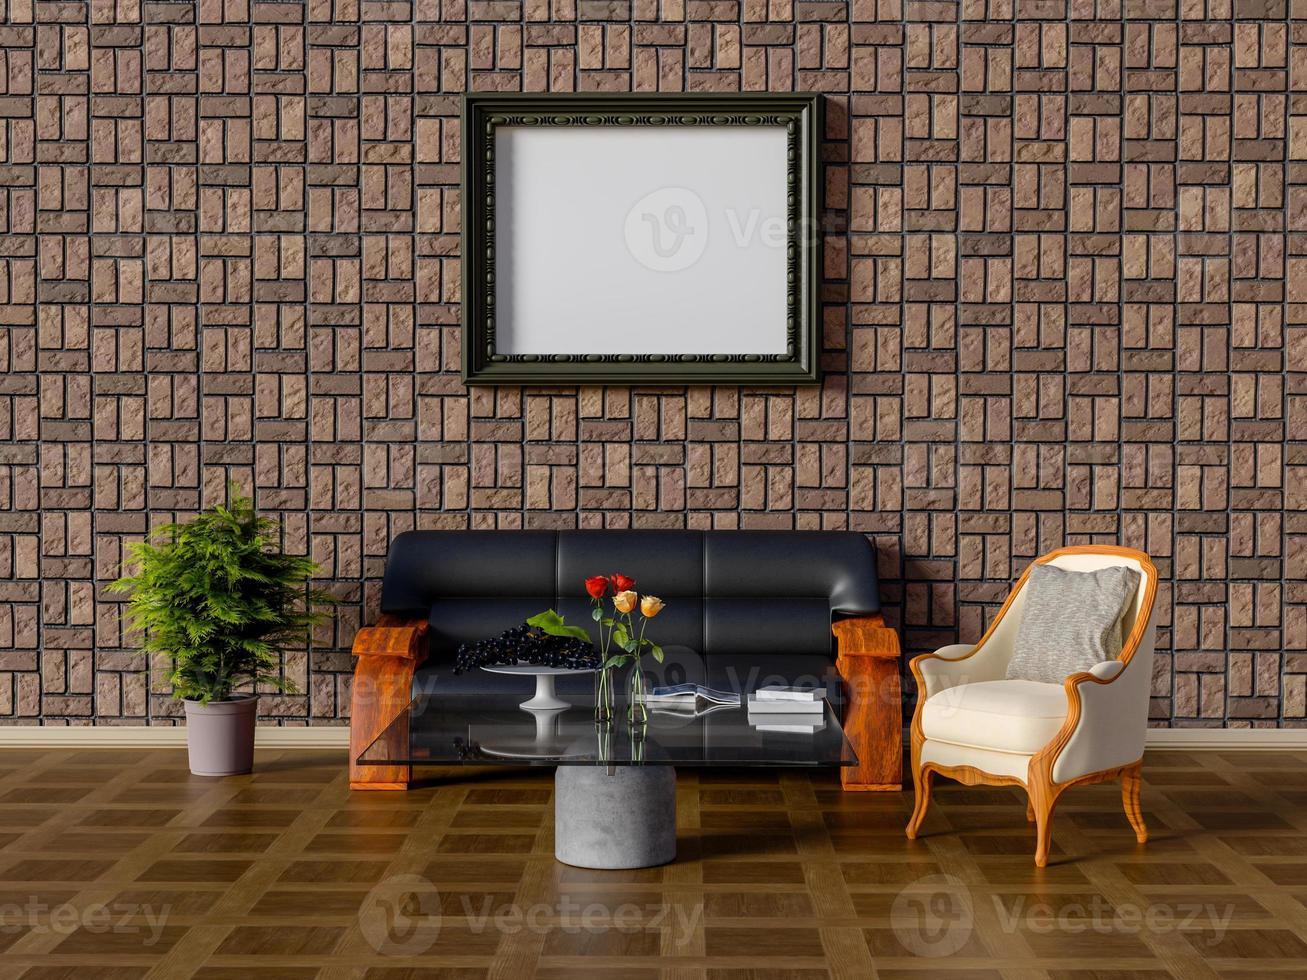 3D-weergave van mock-up frame in de woonkamer. foto